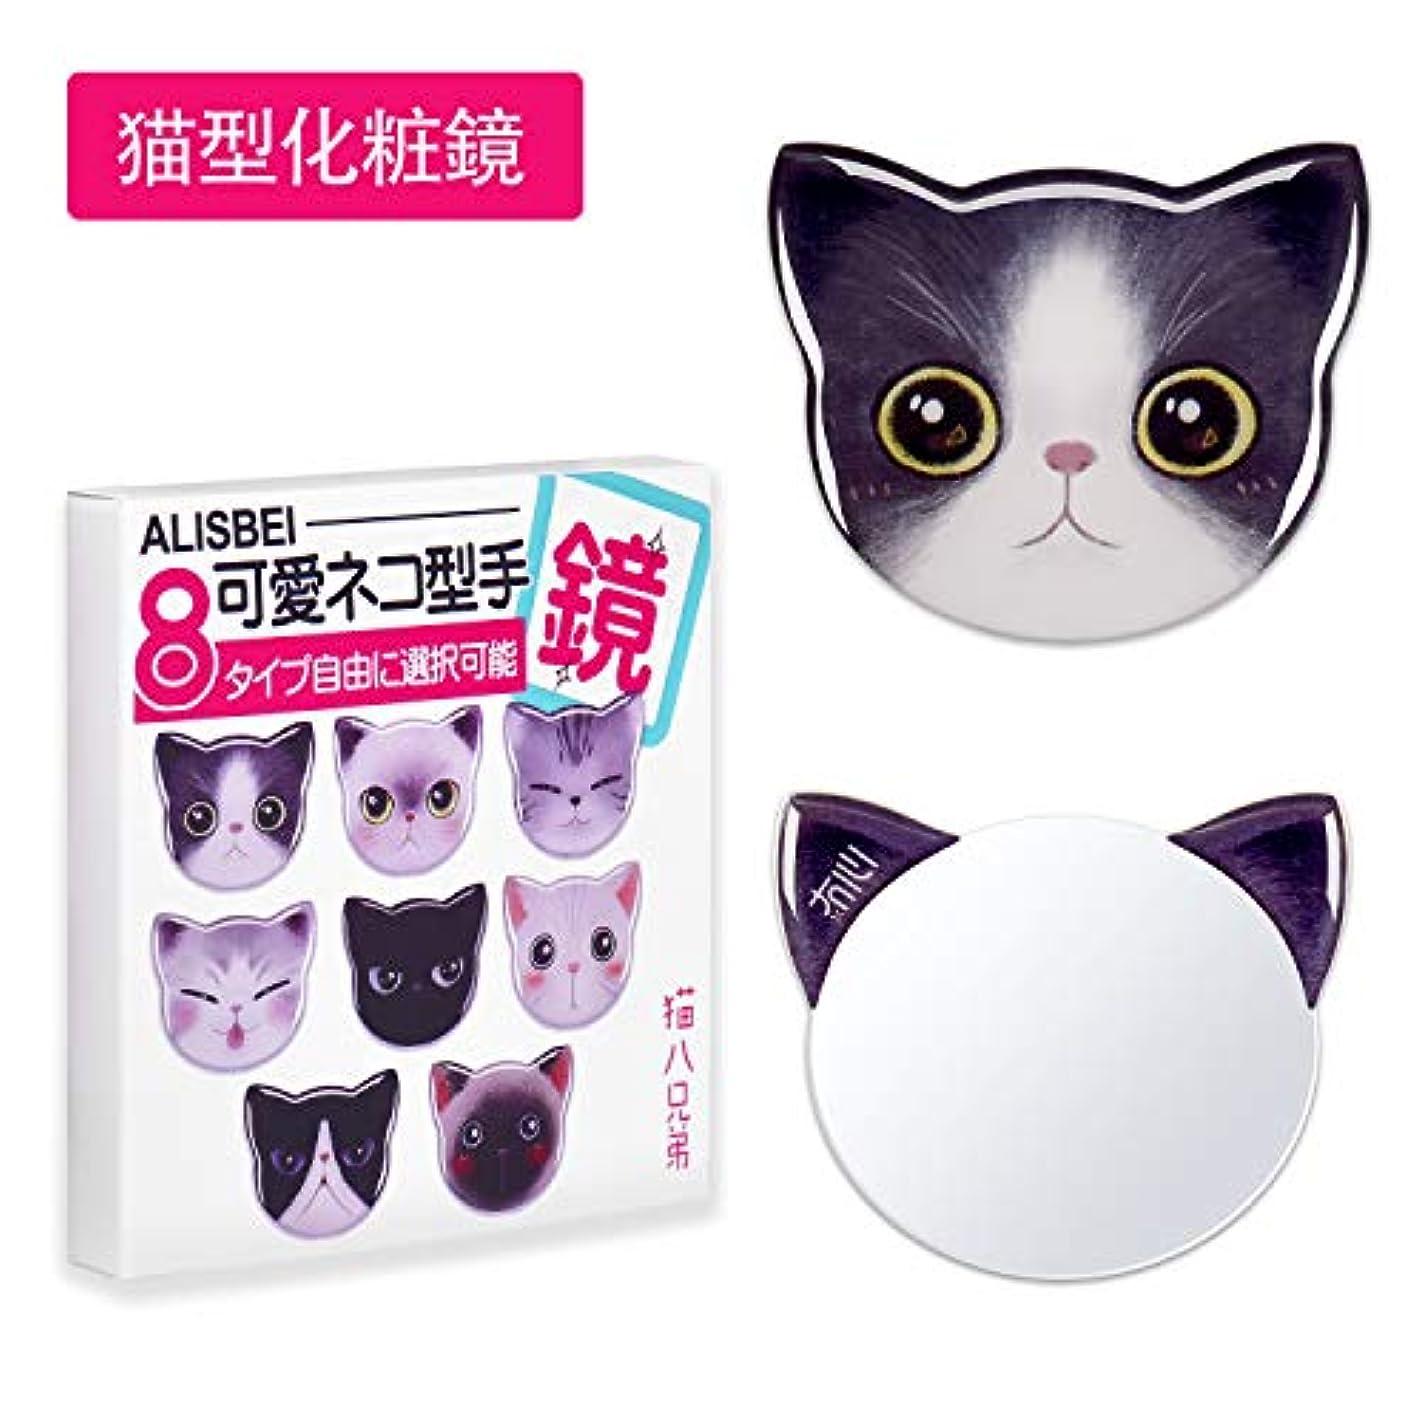 黒くする大胆なクロニクル携帯ミラー 手鏡 コンパクト 猫柄 8パタン 収納袋付き 割れない 鏡 おしゃれ コンパクトミラー ハンドミラー かわいい (ハナ)